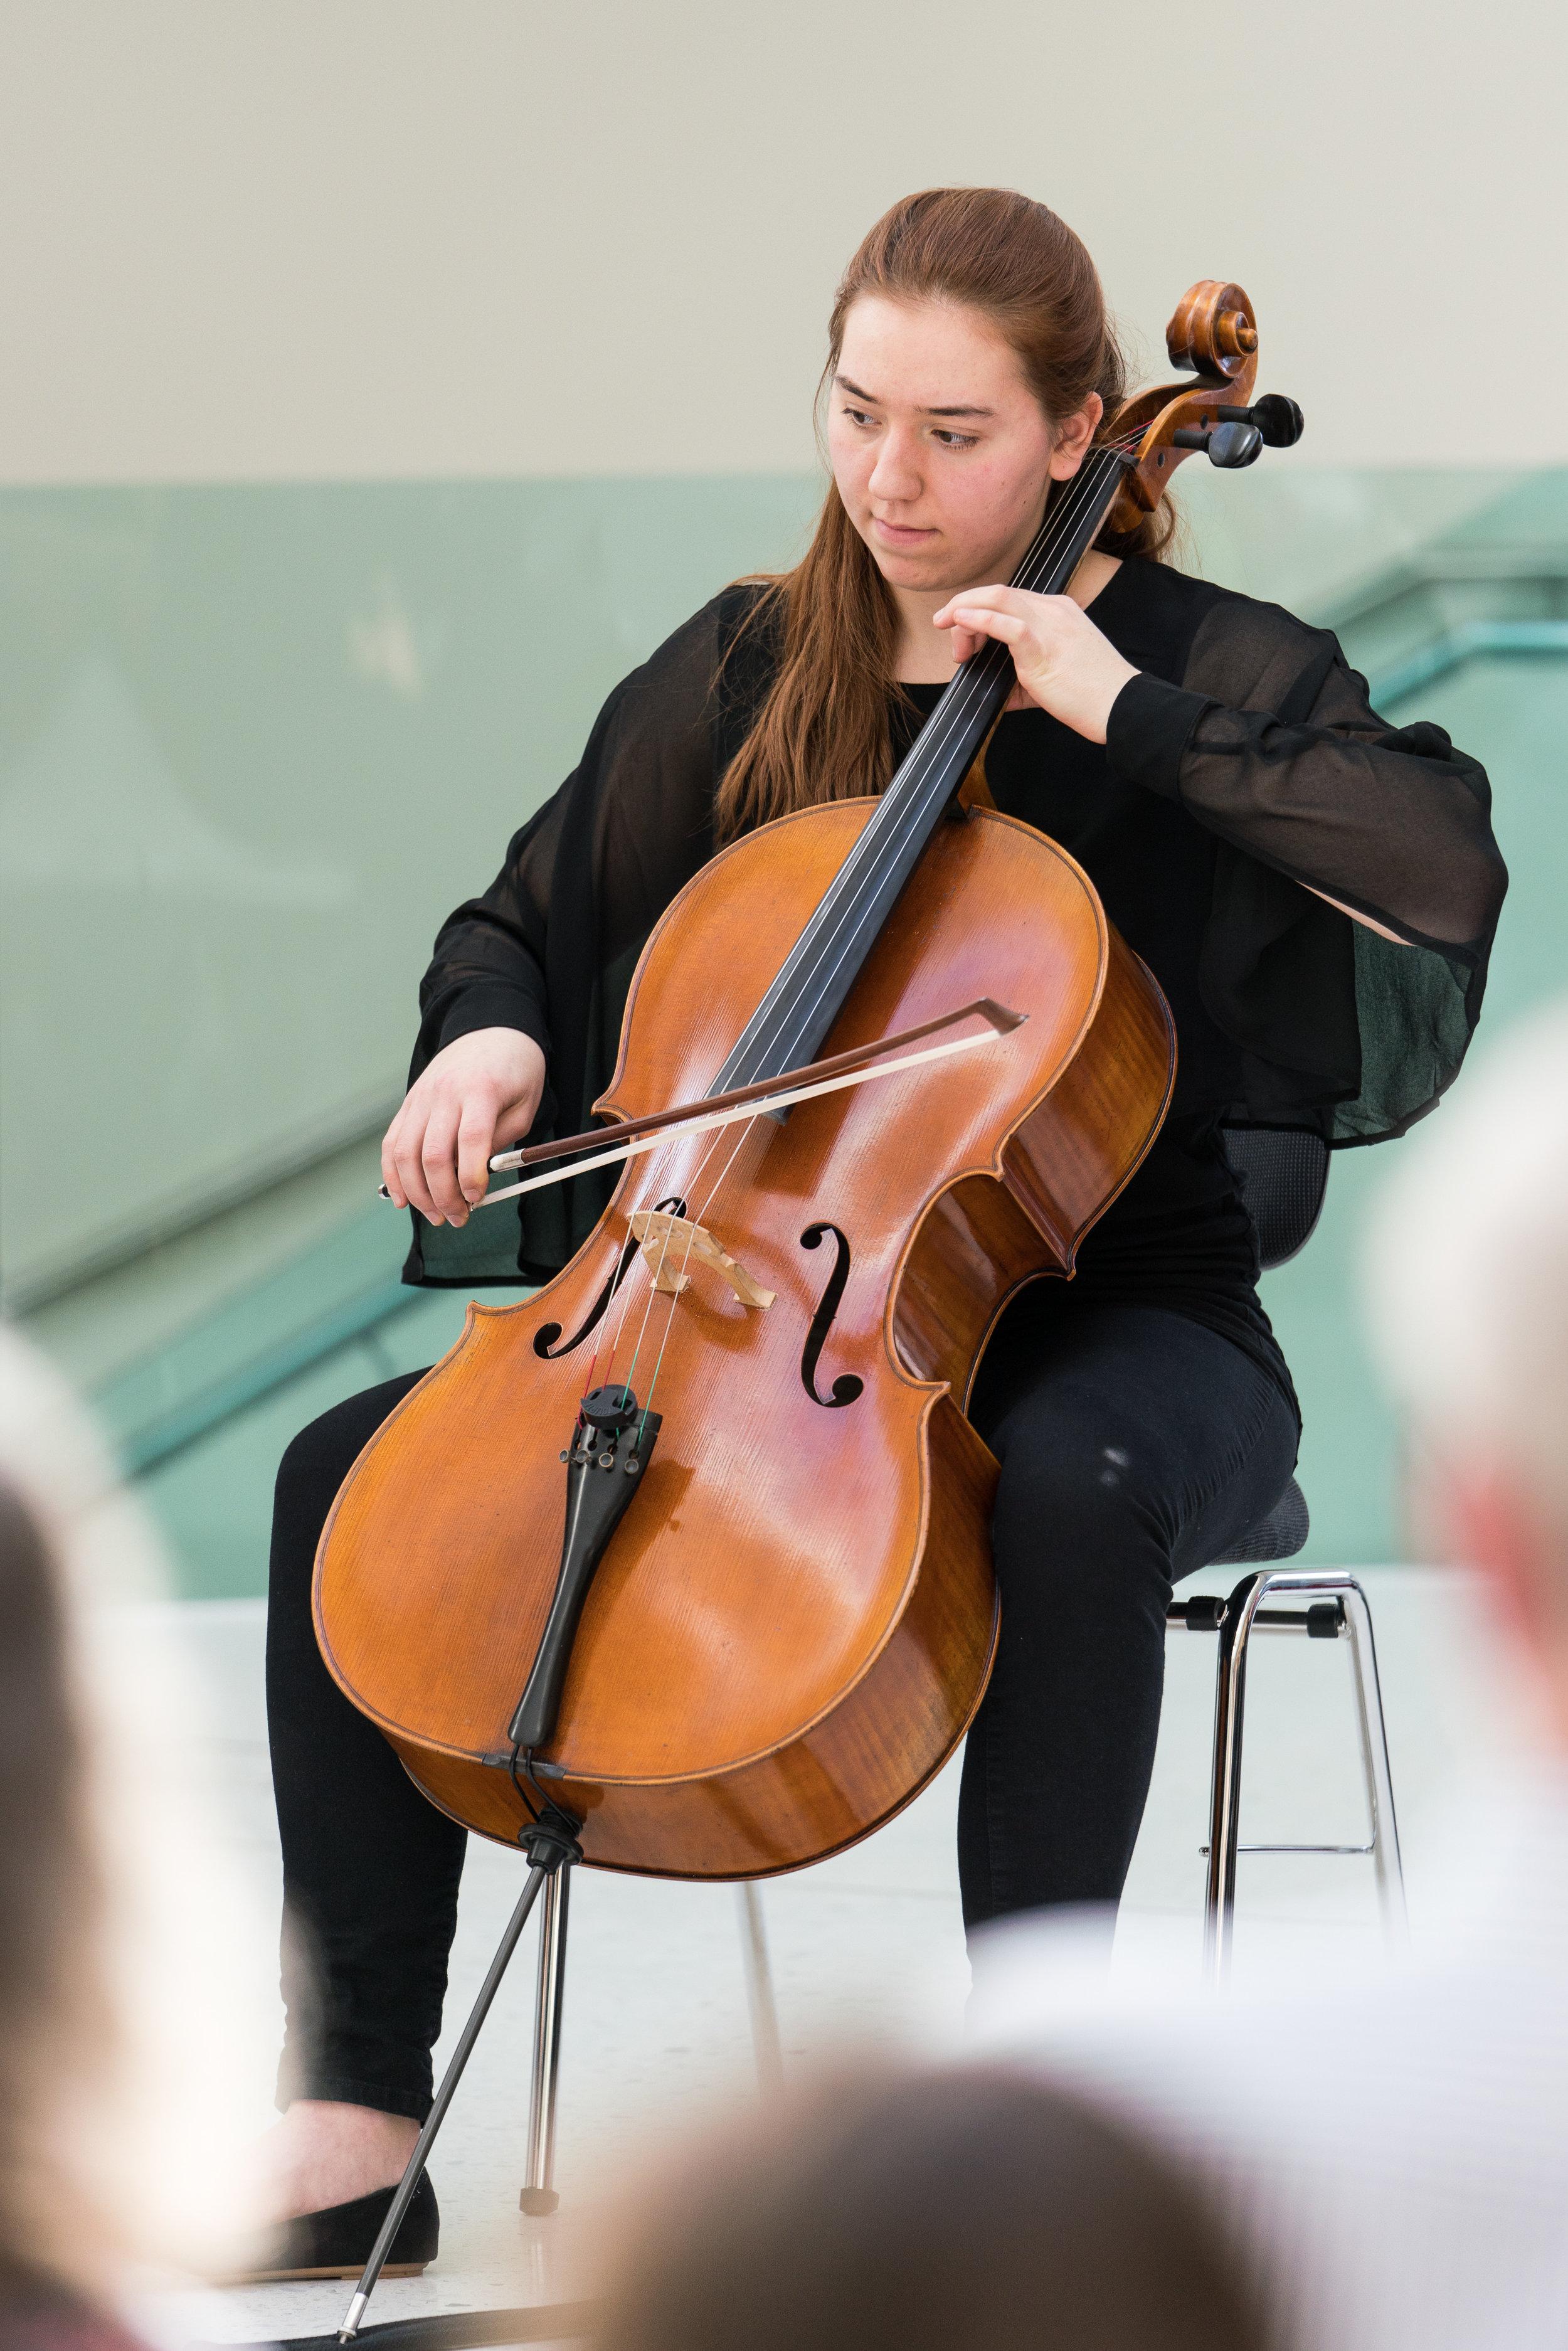 Konzert am Mittag - Cello20180206_034-036.jpg